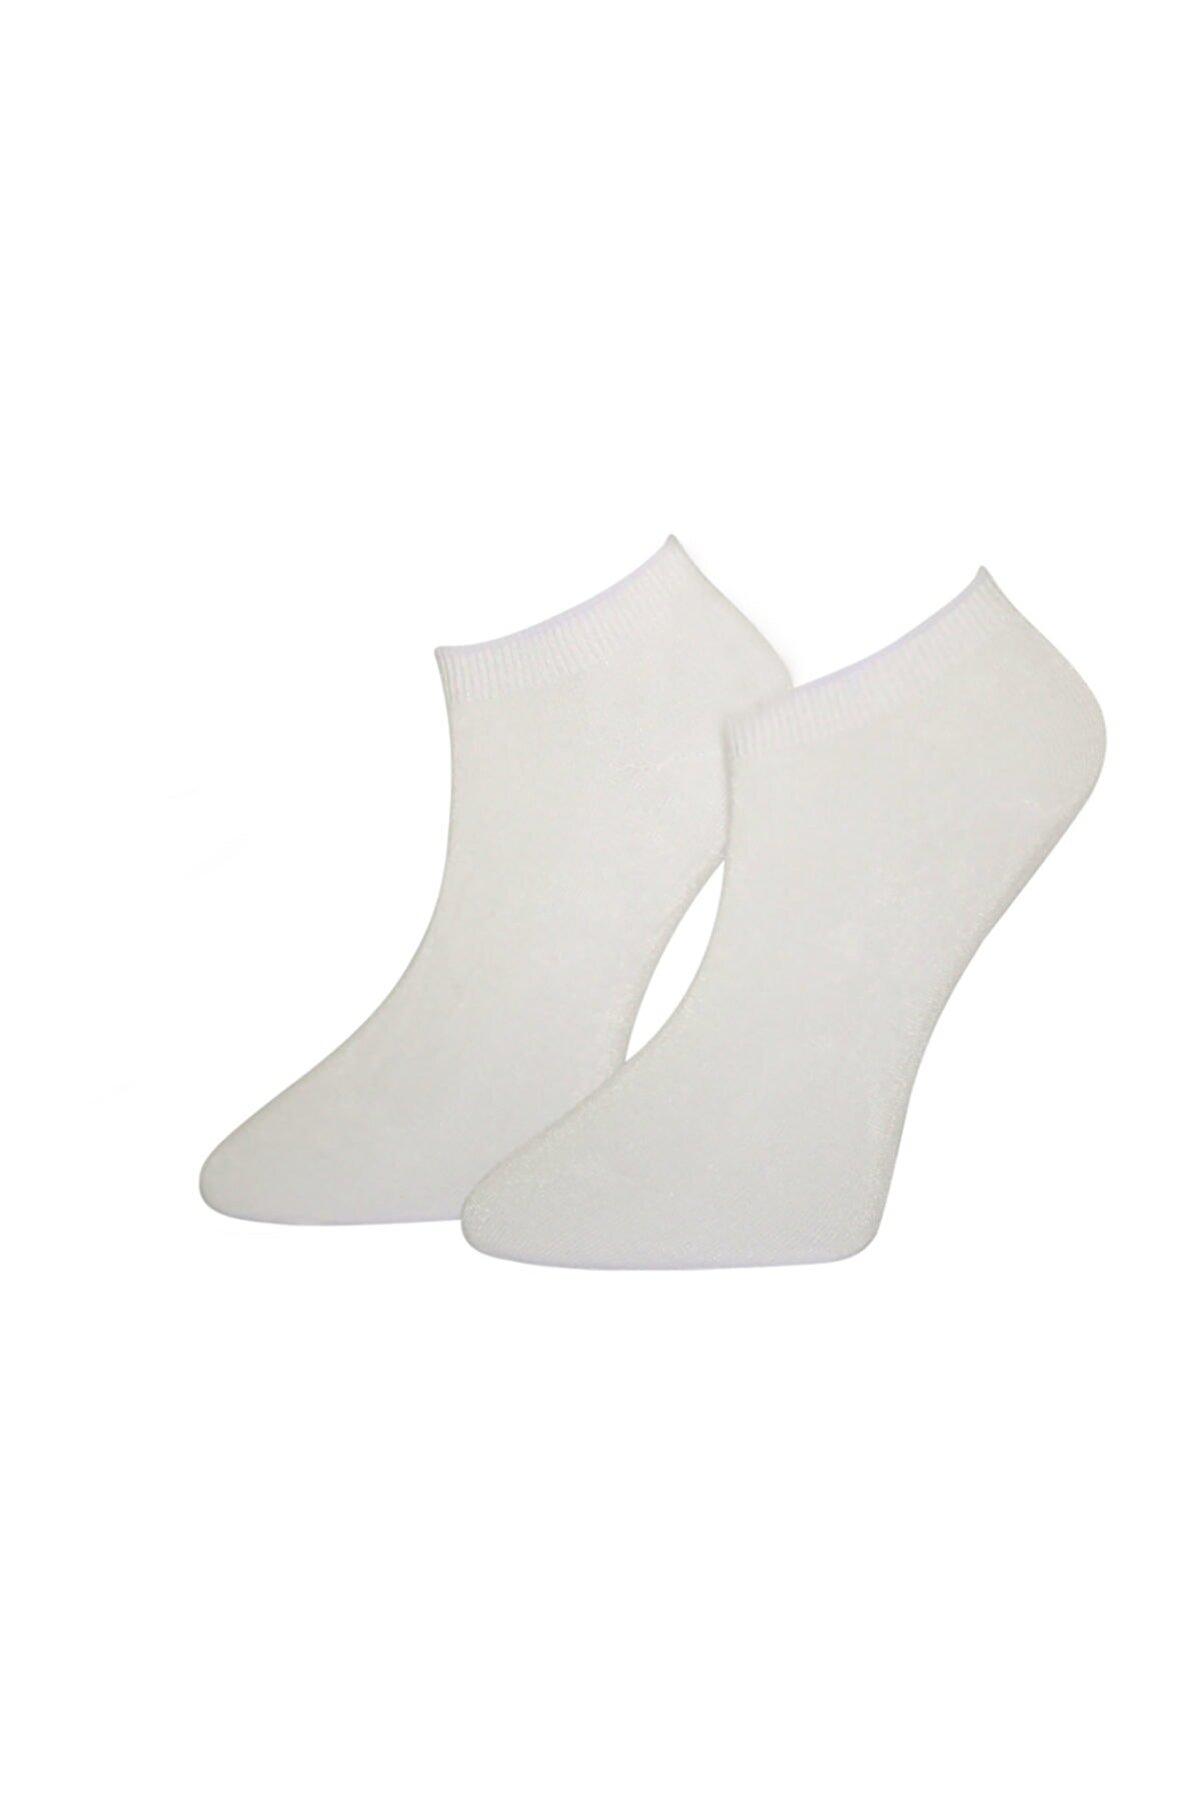 ADABELLA Kadın Beyaz Bambu Dikişsiz Soket 12 Çift Kısa Çorap